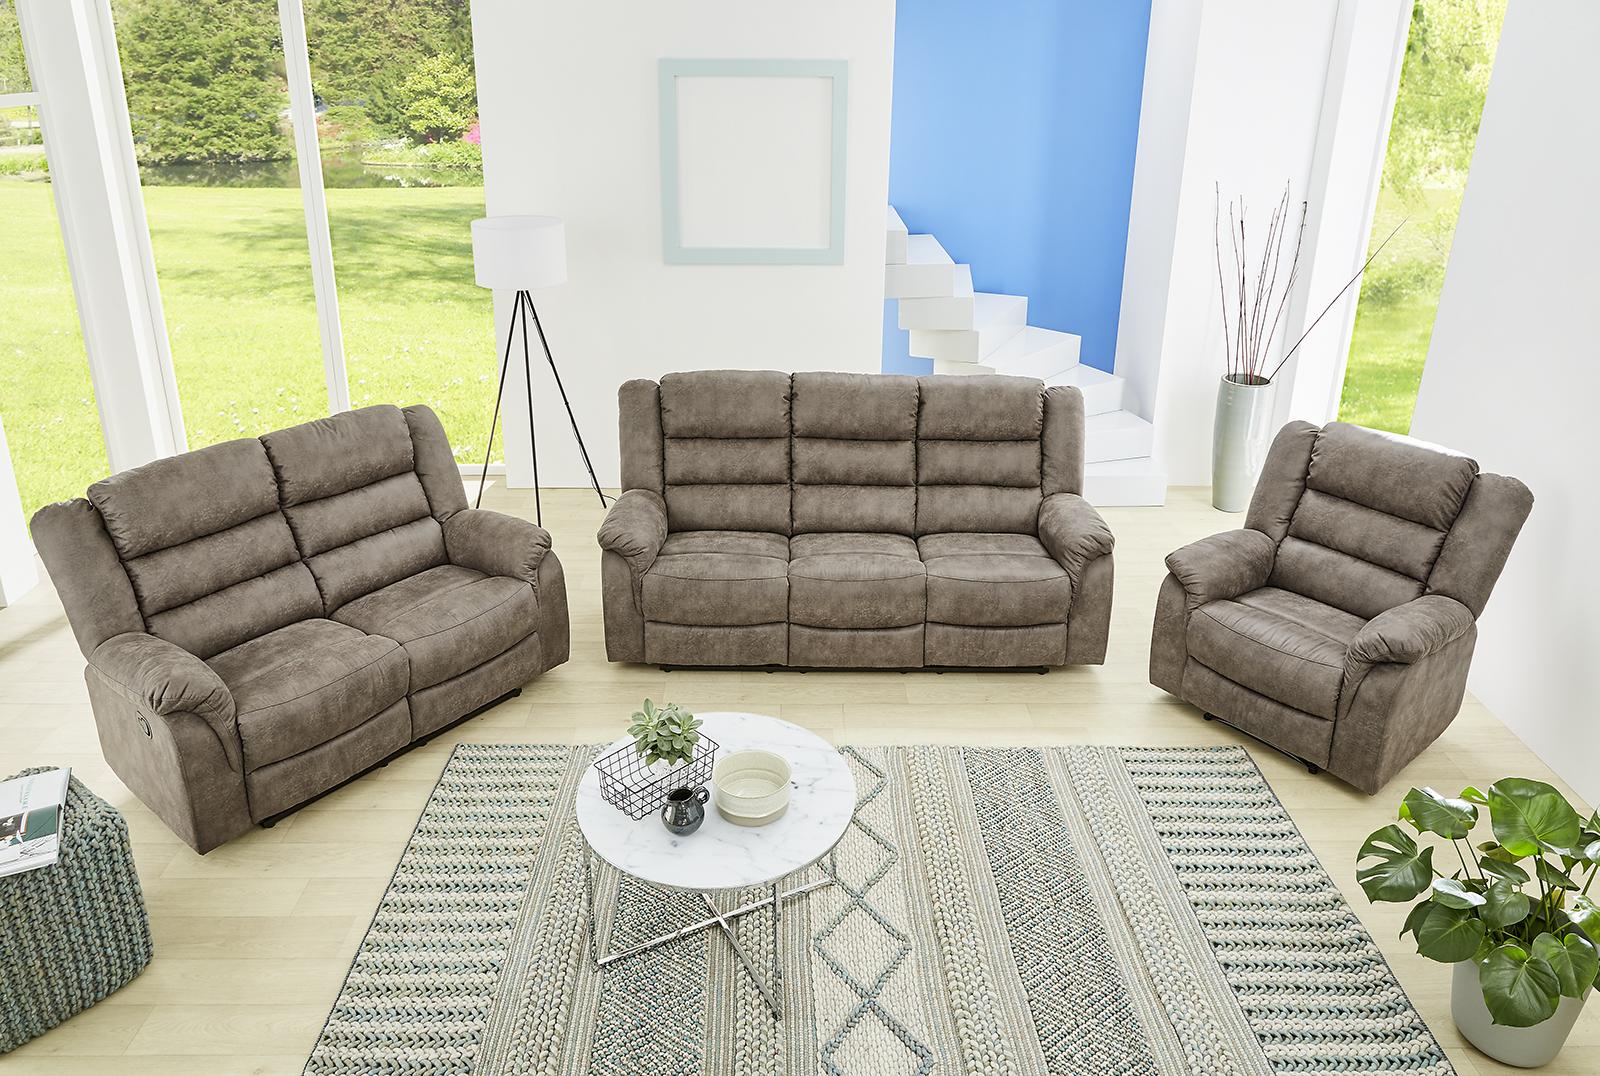 fernsehsessel cleveland inkl liegefunktion von pro com vintage grau braun. Black Bedroom Furniture Sets. Home Design Ideas